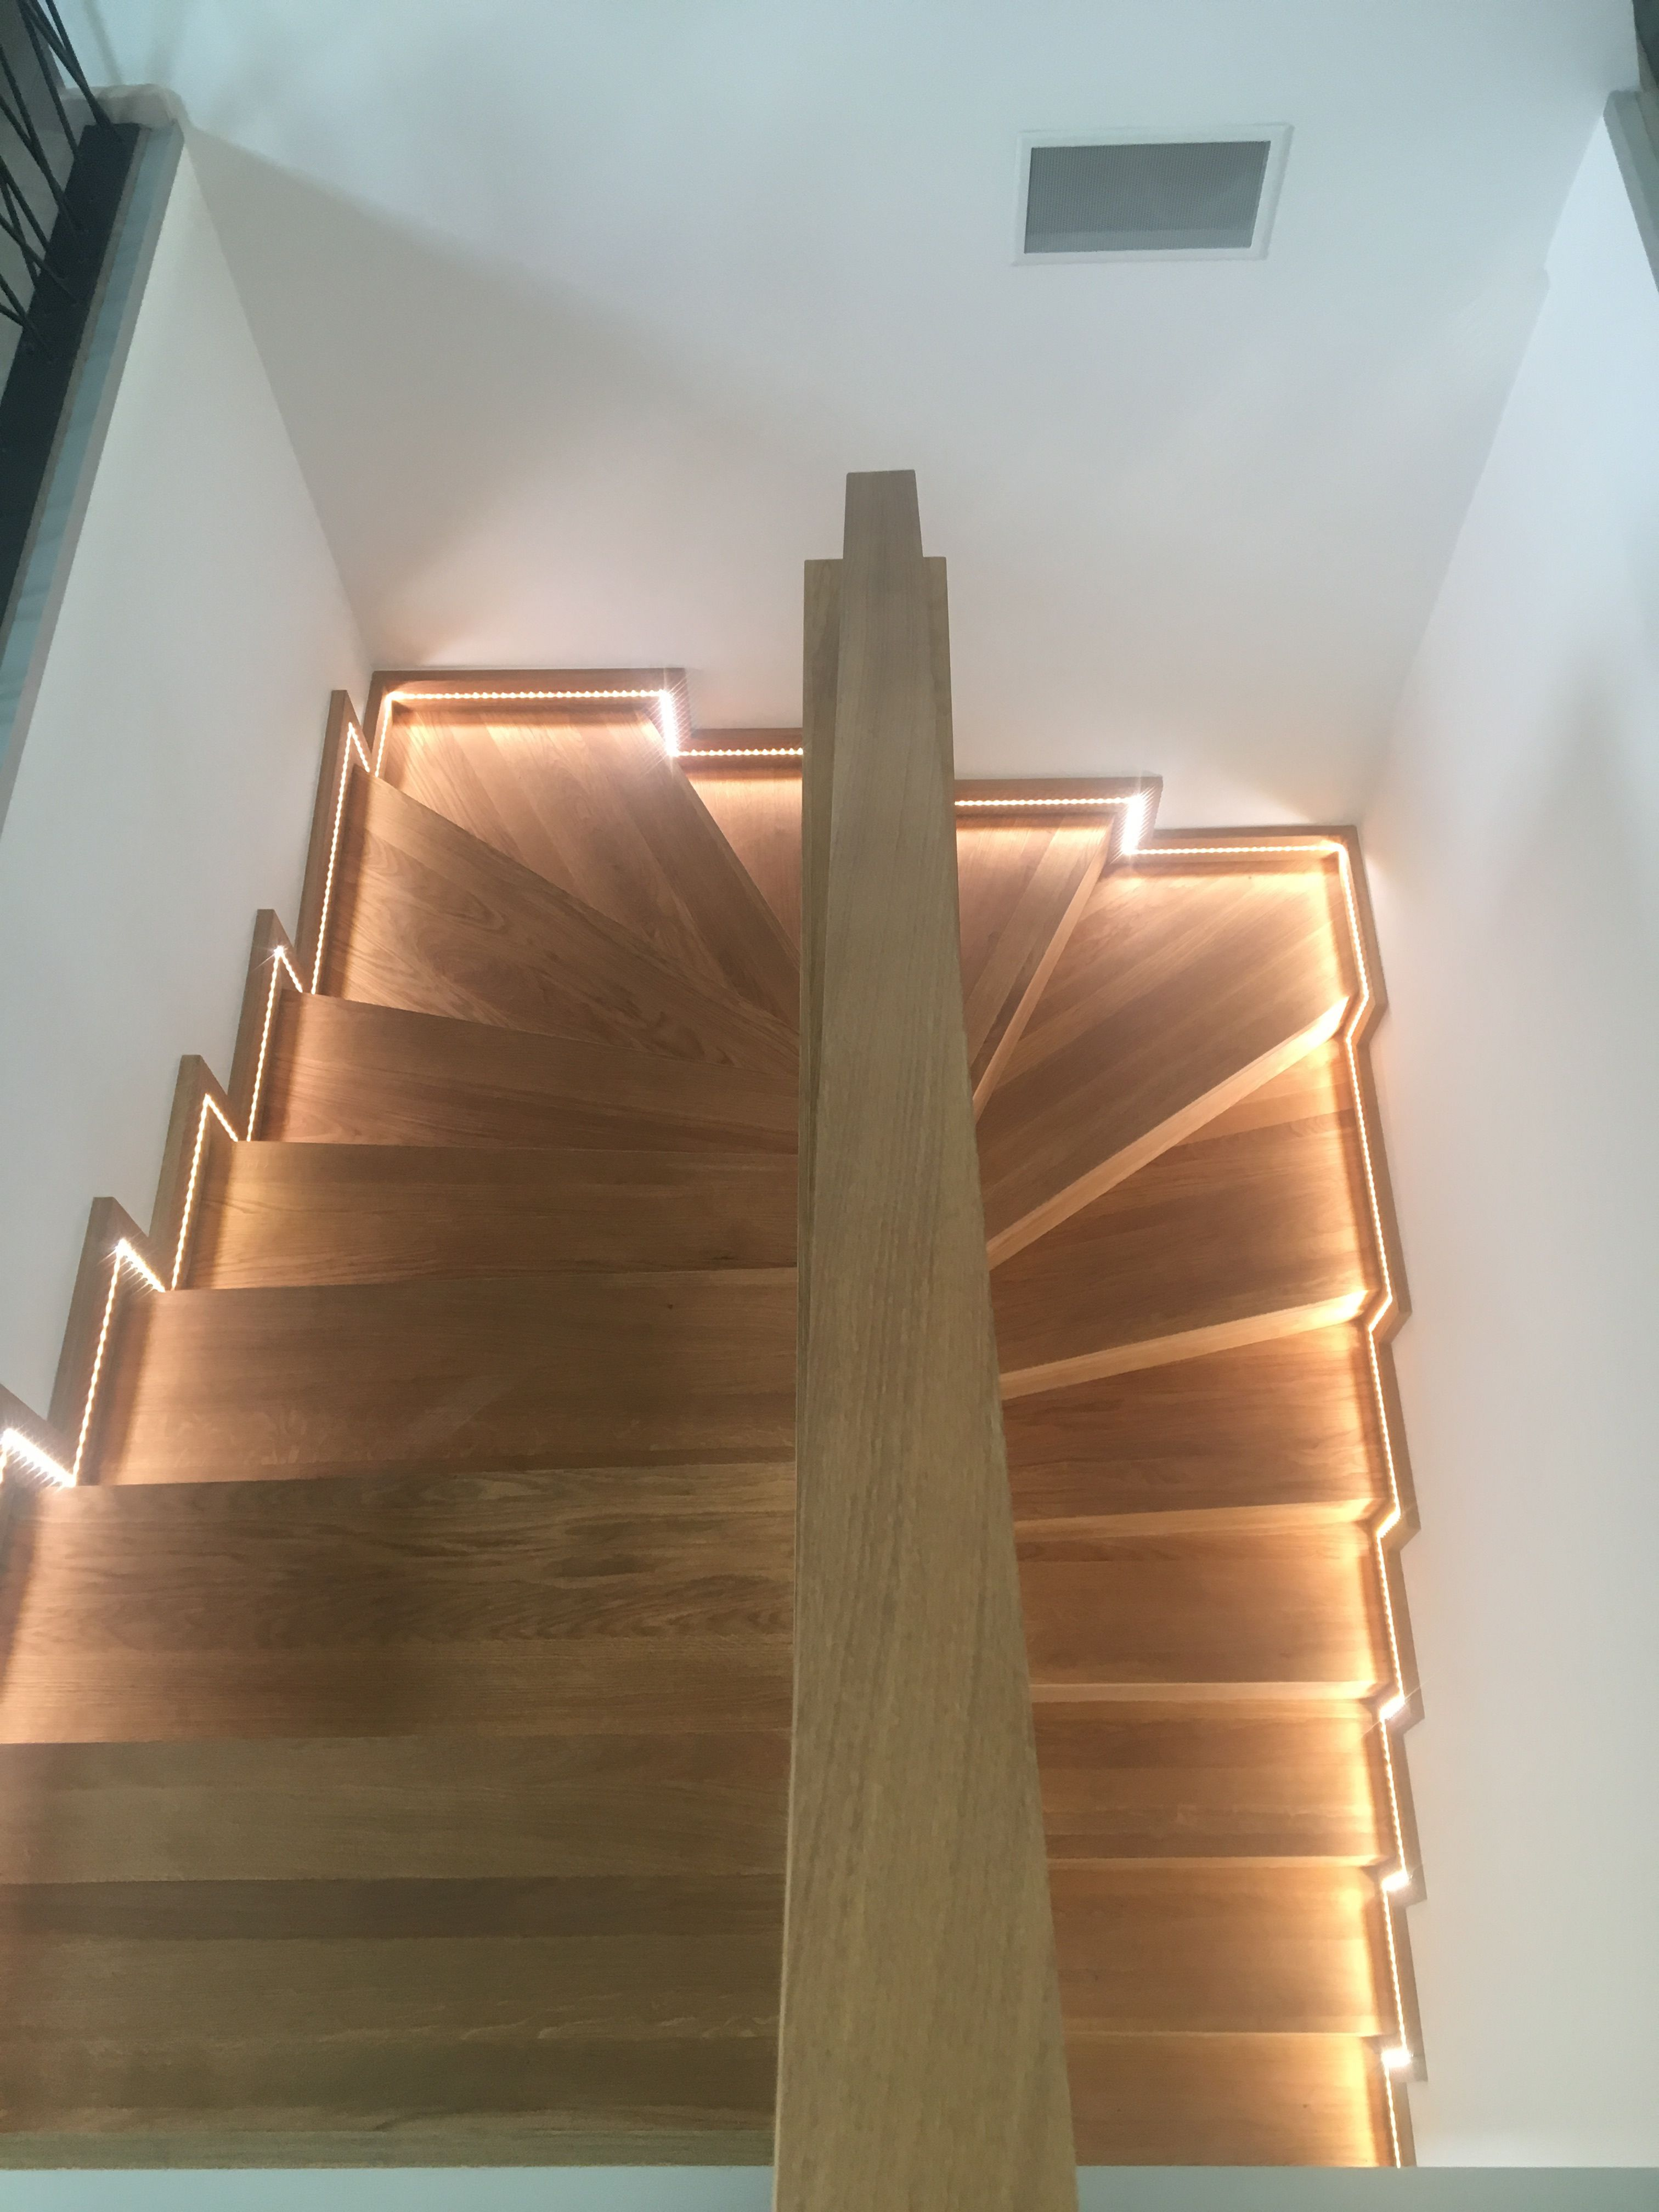 Pingl par fif sur architecture d 39 int rieur en 2019 - Escalier contemporain beton ...